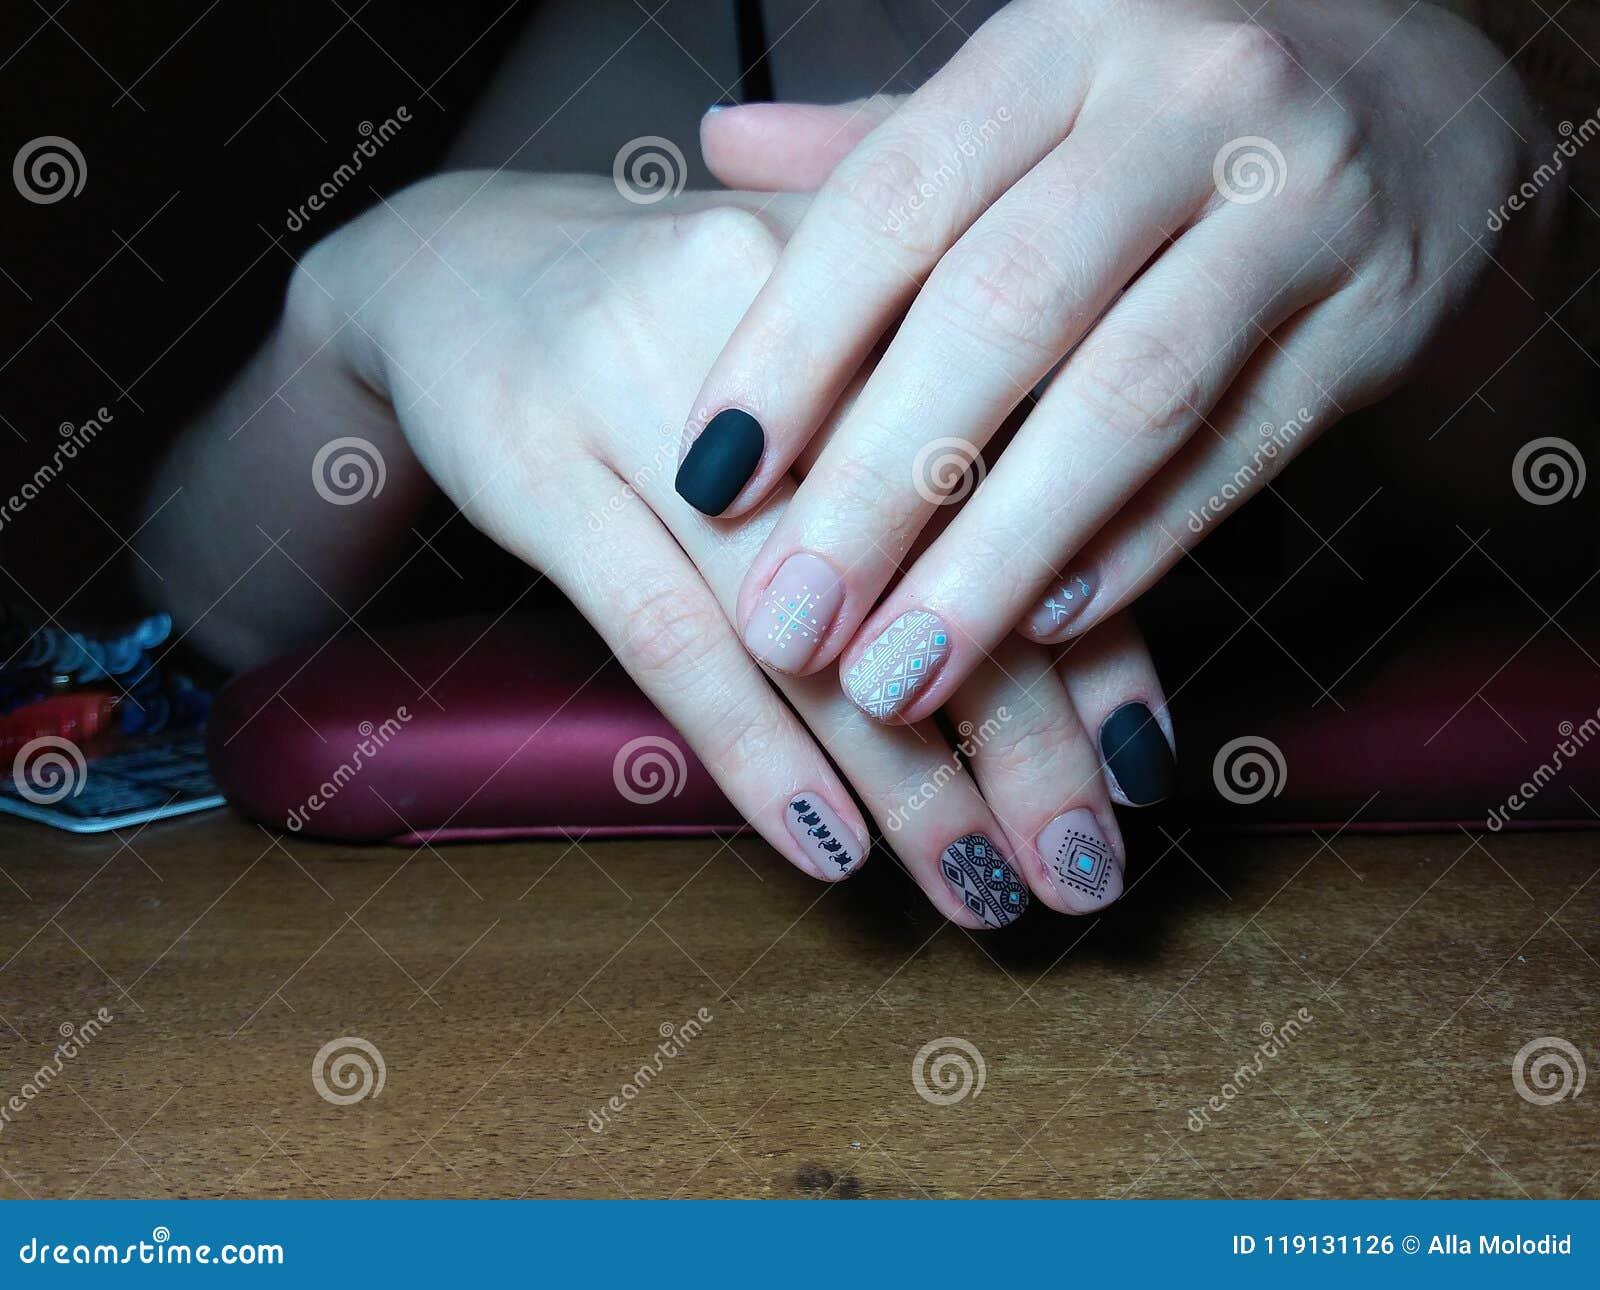 修指甲师在她的手优秀地做了她的工作与一个波兰胶凝体的美好的修指甲,并且客户是愉快的